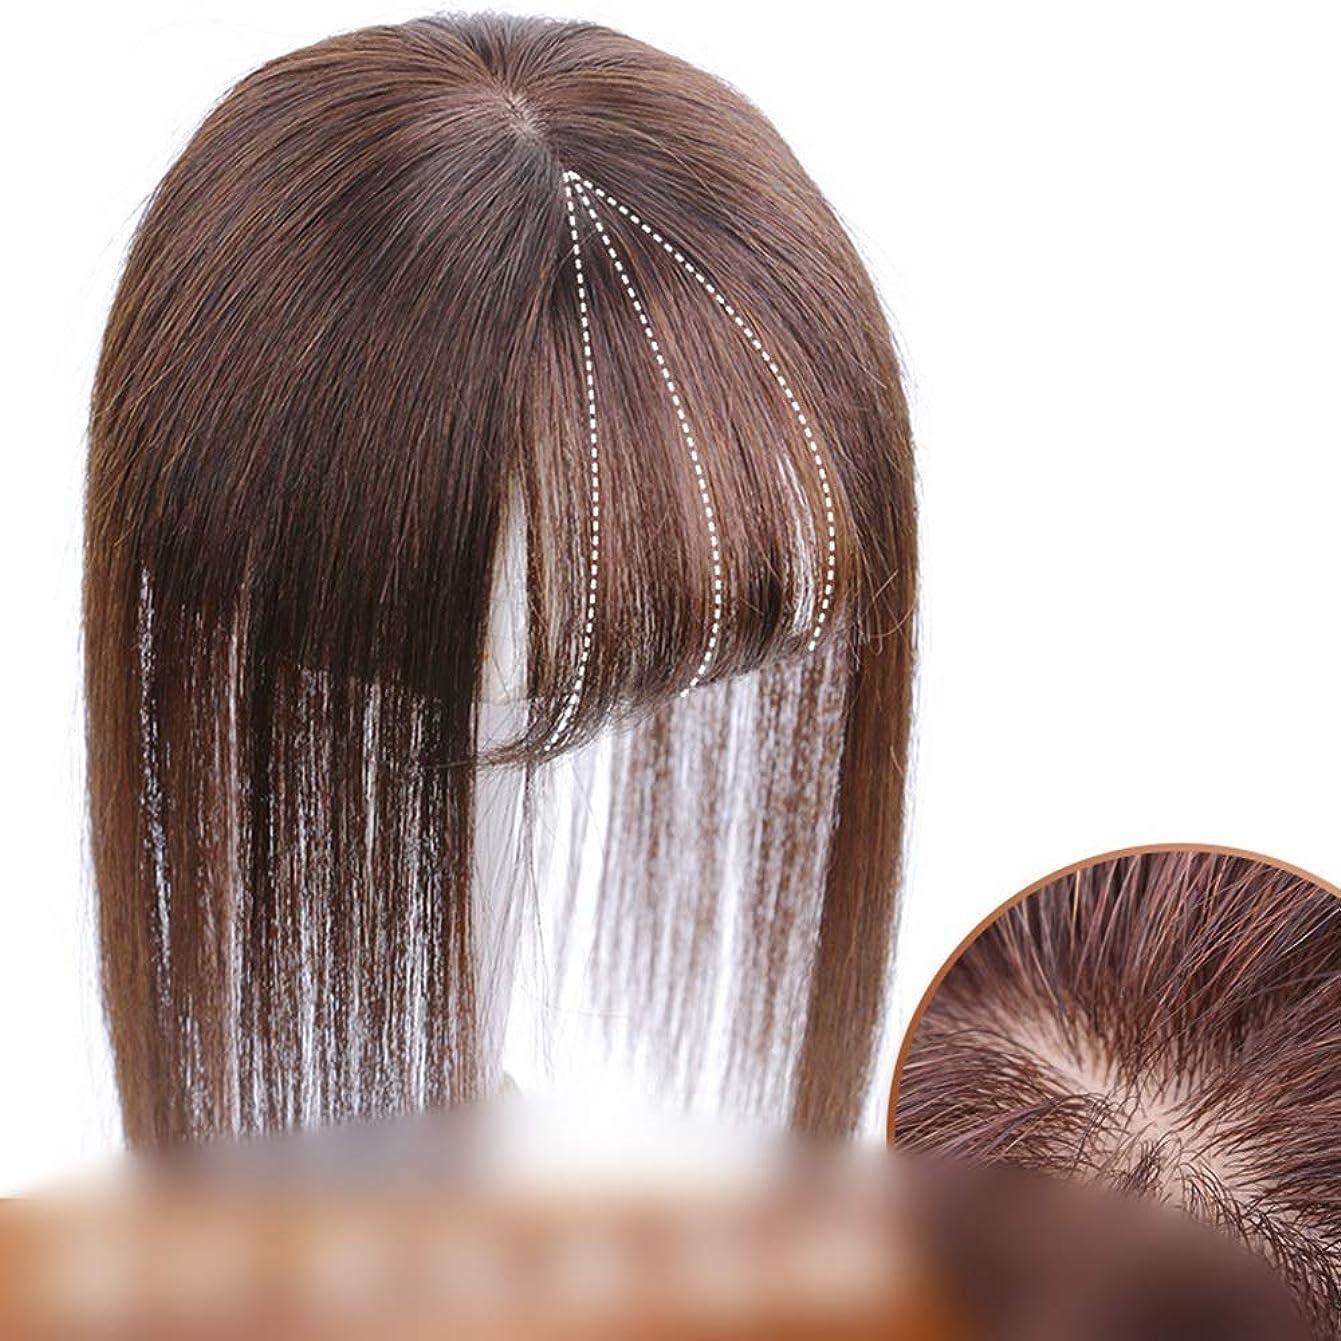 汚染された研磨有能なBOBIDYEE 空気前髪かつら女性ストレートヘアエクステンション複合ヘアレースかつらロールプレイングかつらロングとショート女性自然 (色 : [9x14] 30cm natural black)